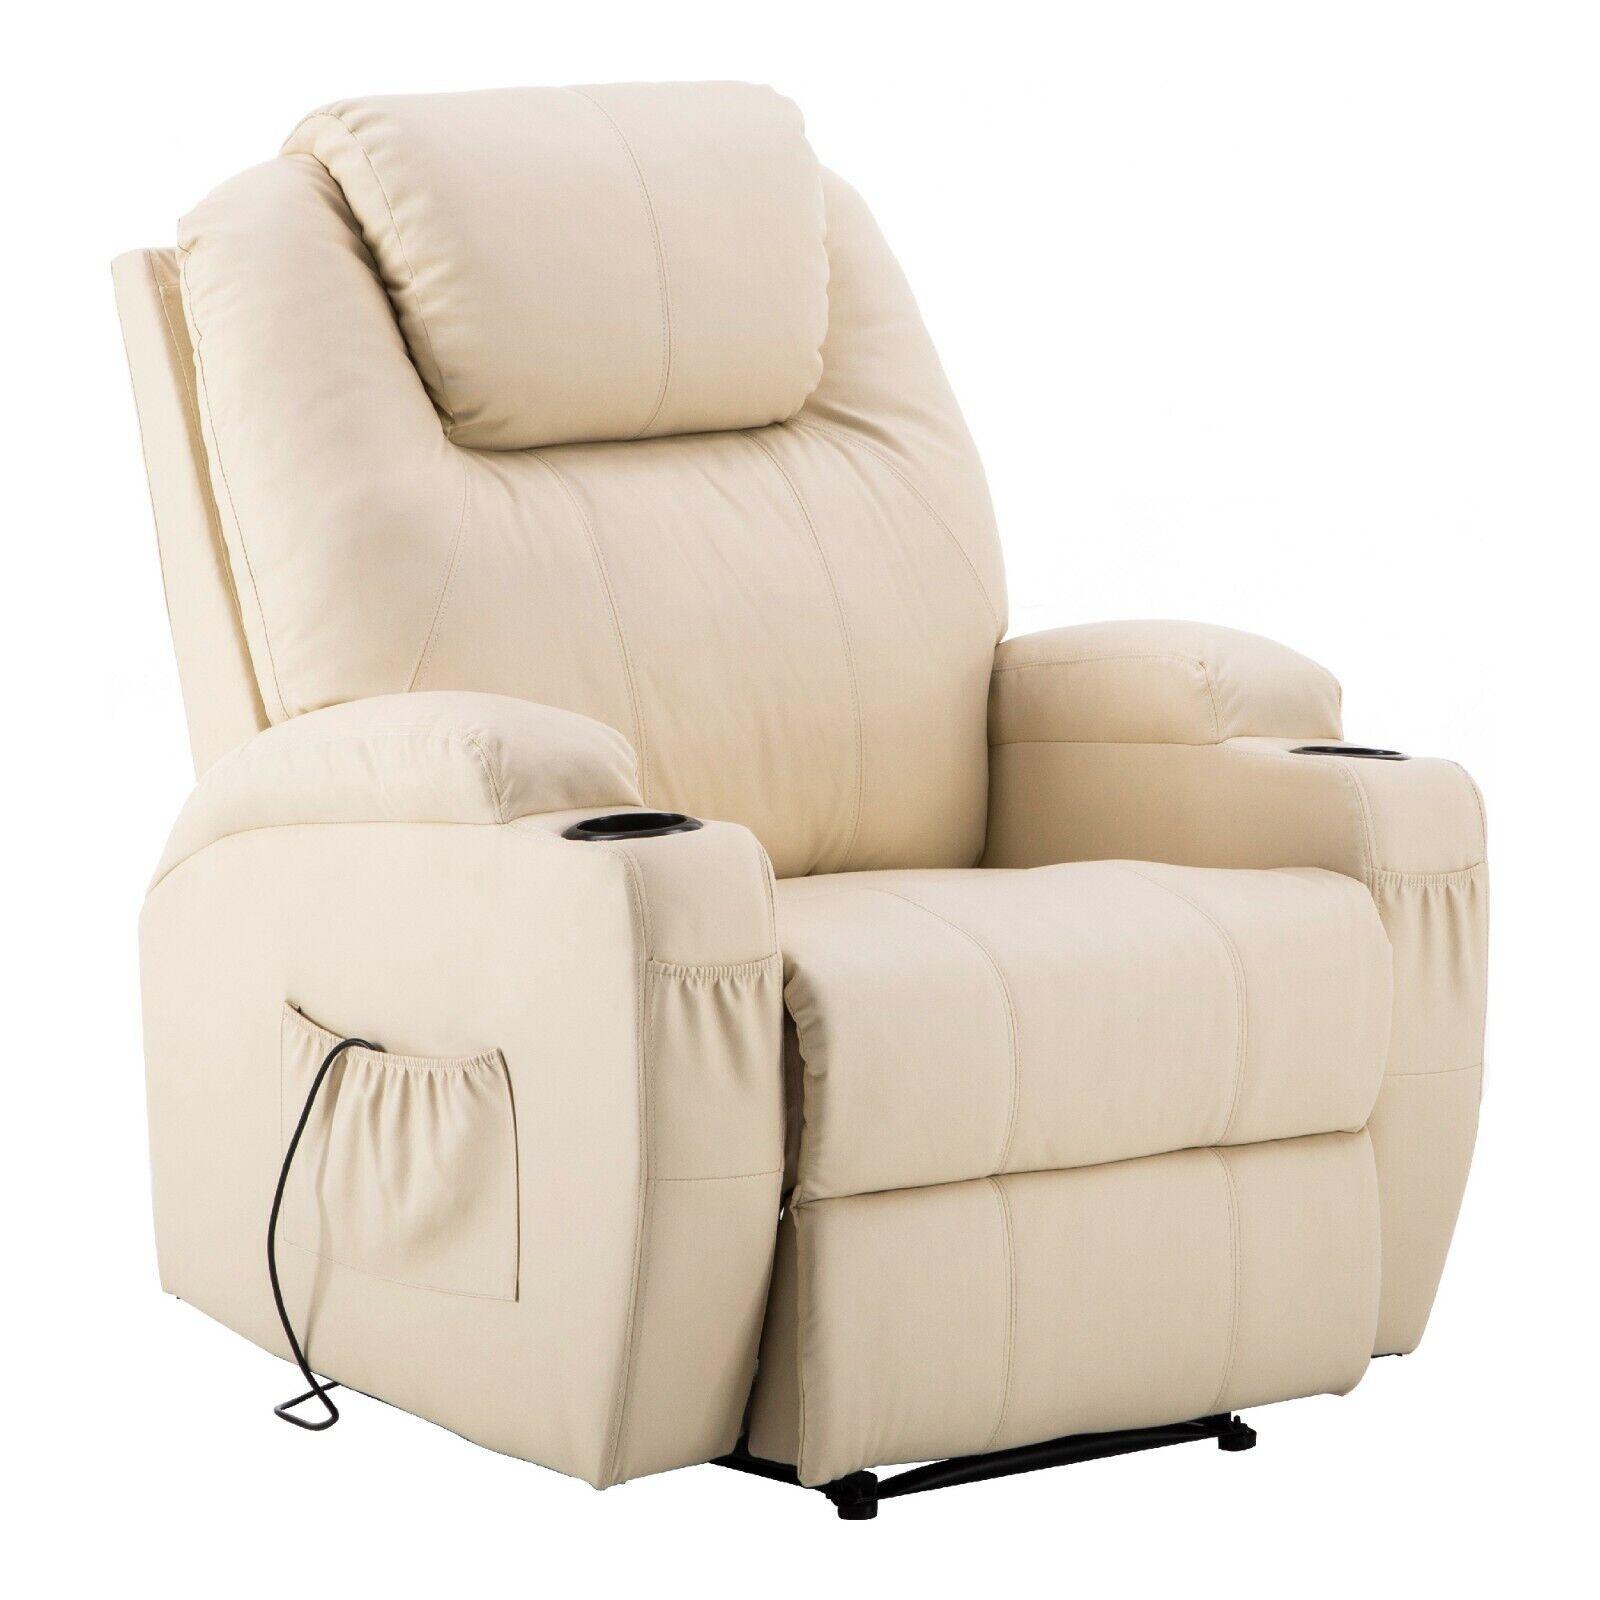 MCombo Elektrisch Relaxsessel Massagesessel Fernsehsessel Heizung Liegefunktion